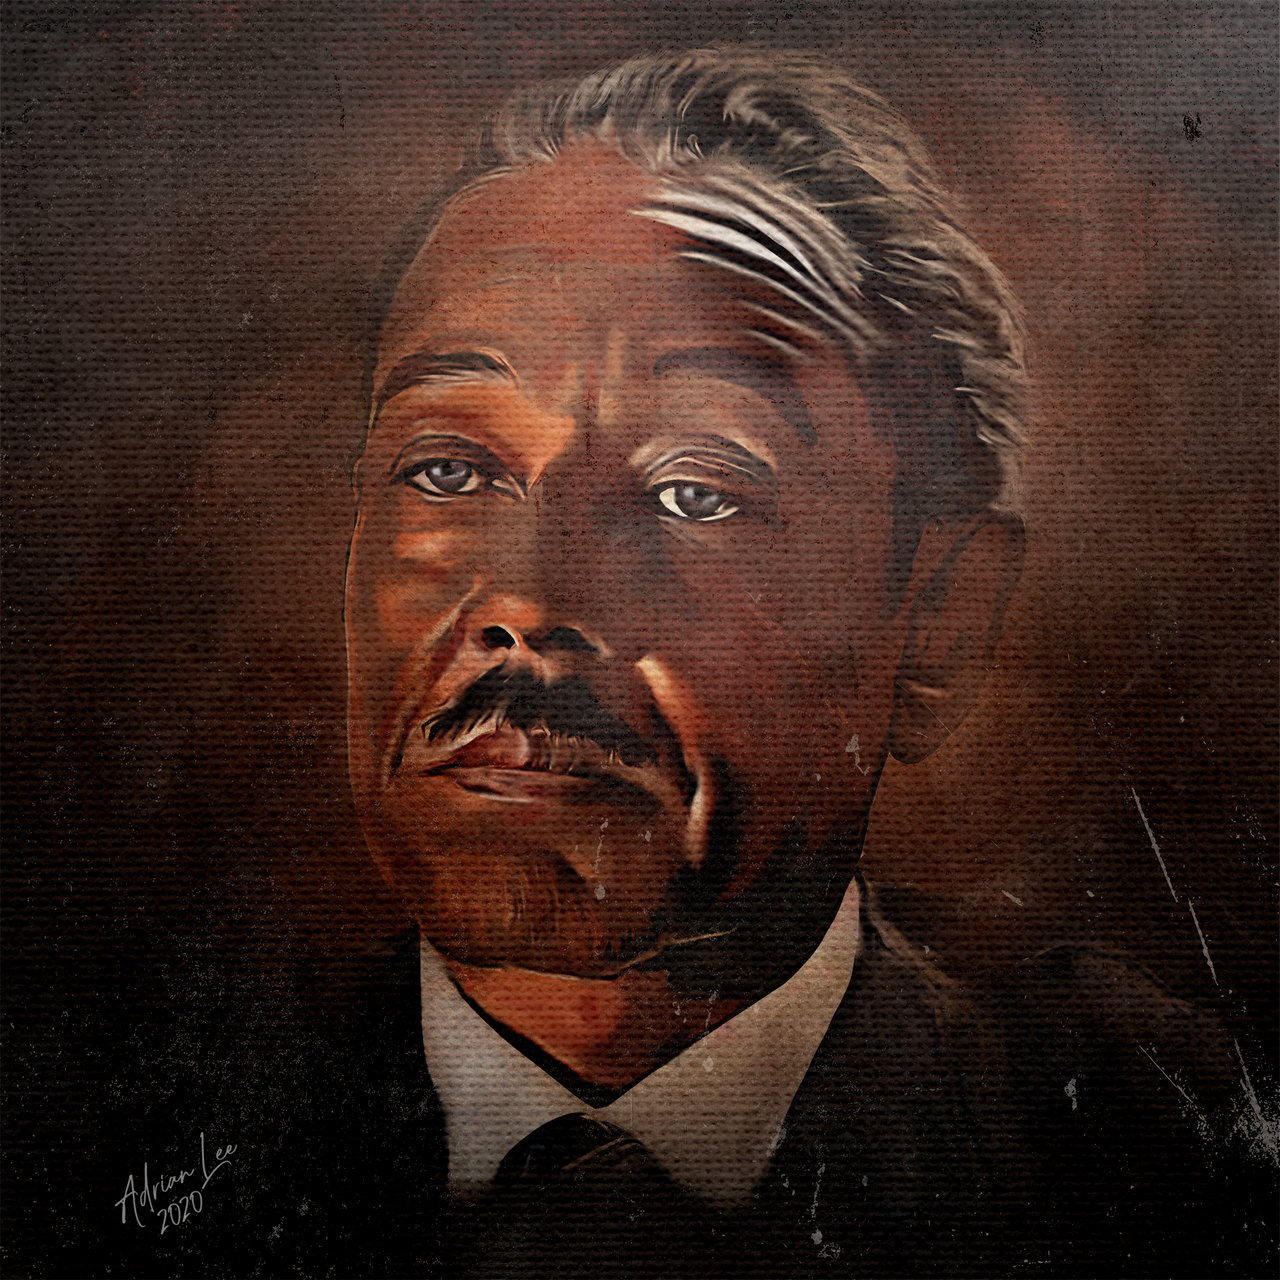 Giancarlo Esposito - Godfather of Harlem